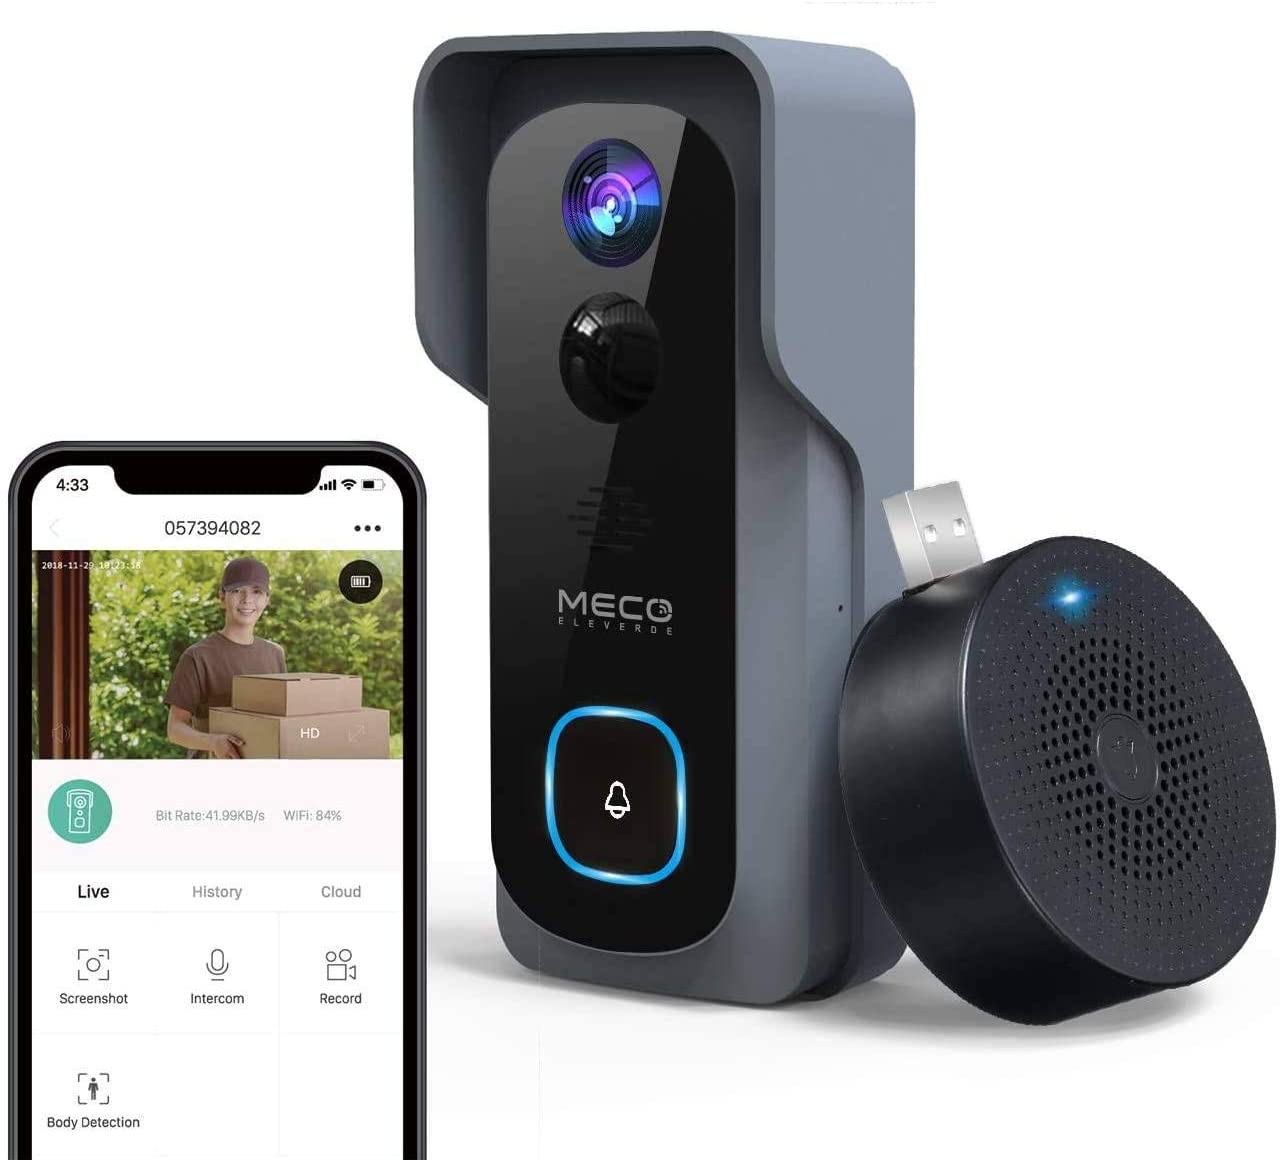 HS-IV-1007 - MECO 1080P Timbre de Video WiFi